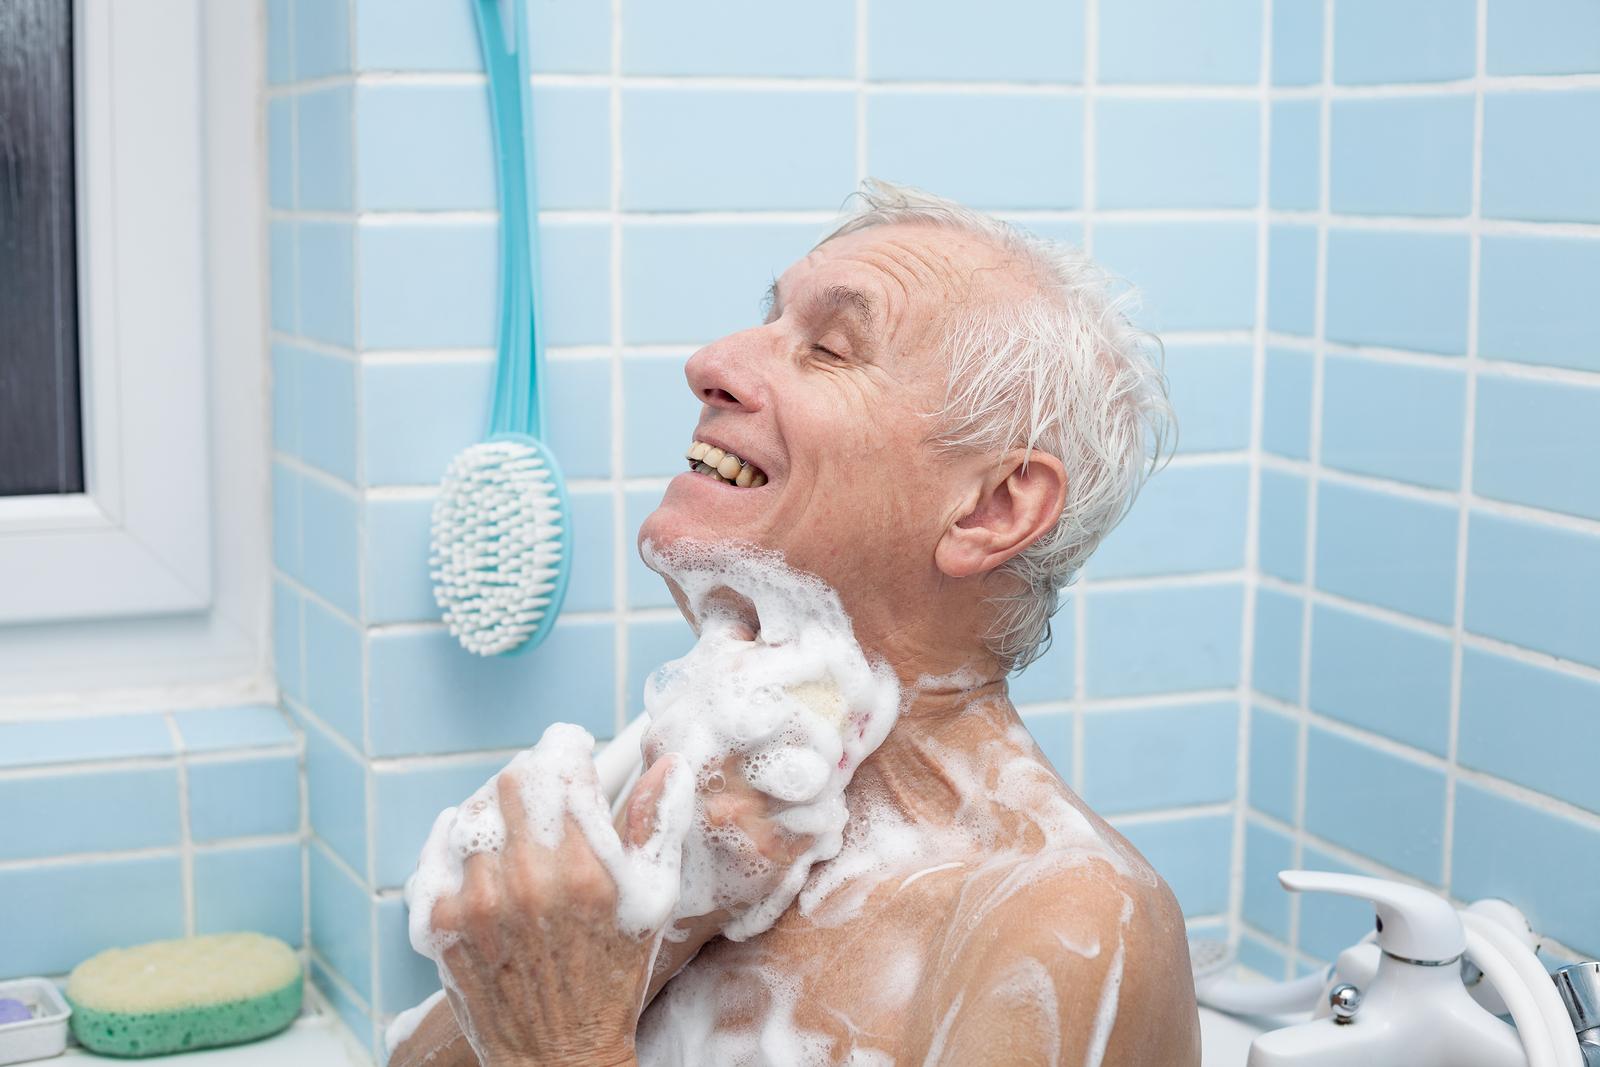 Consejos de baño, cómo adaptar duchas para personas mayores